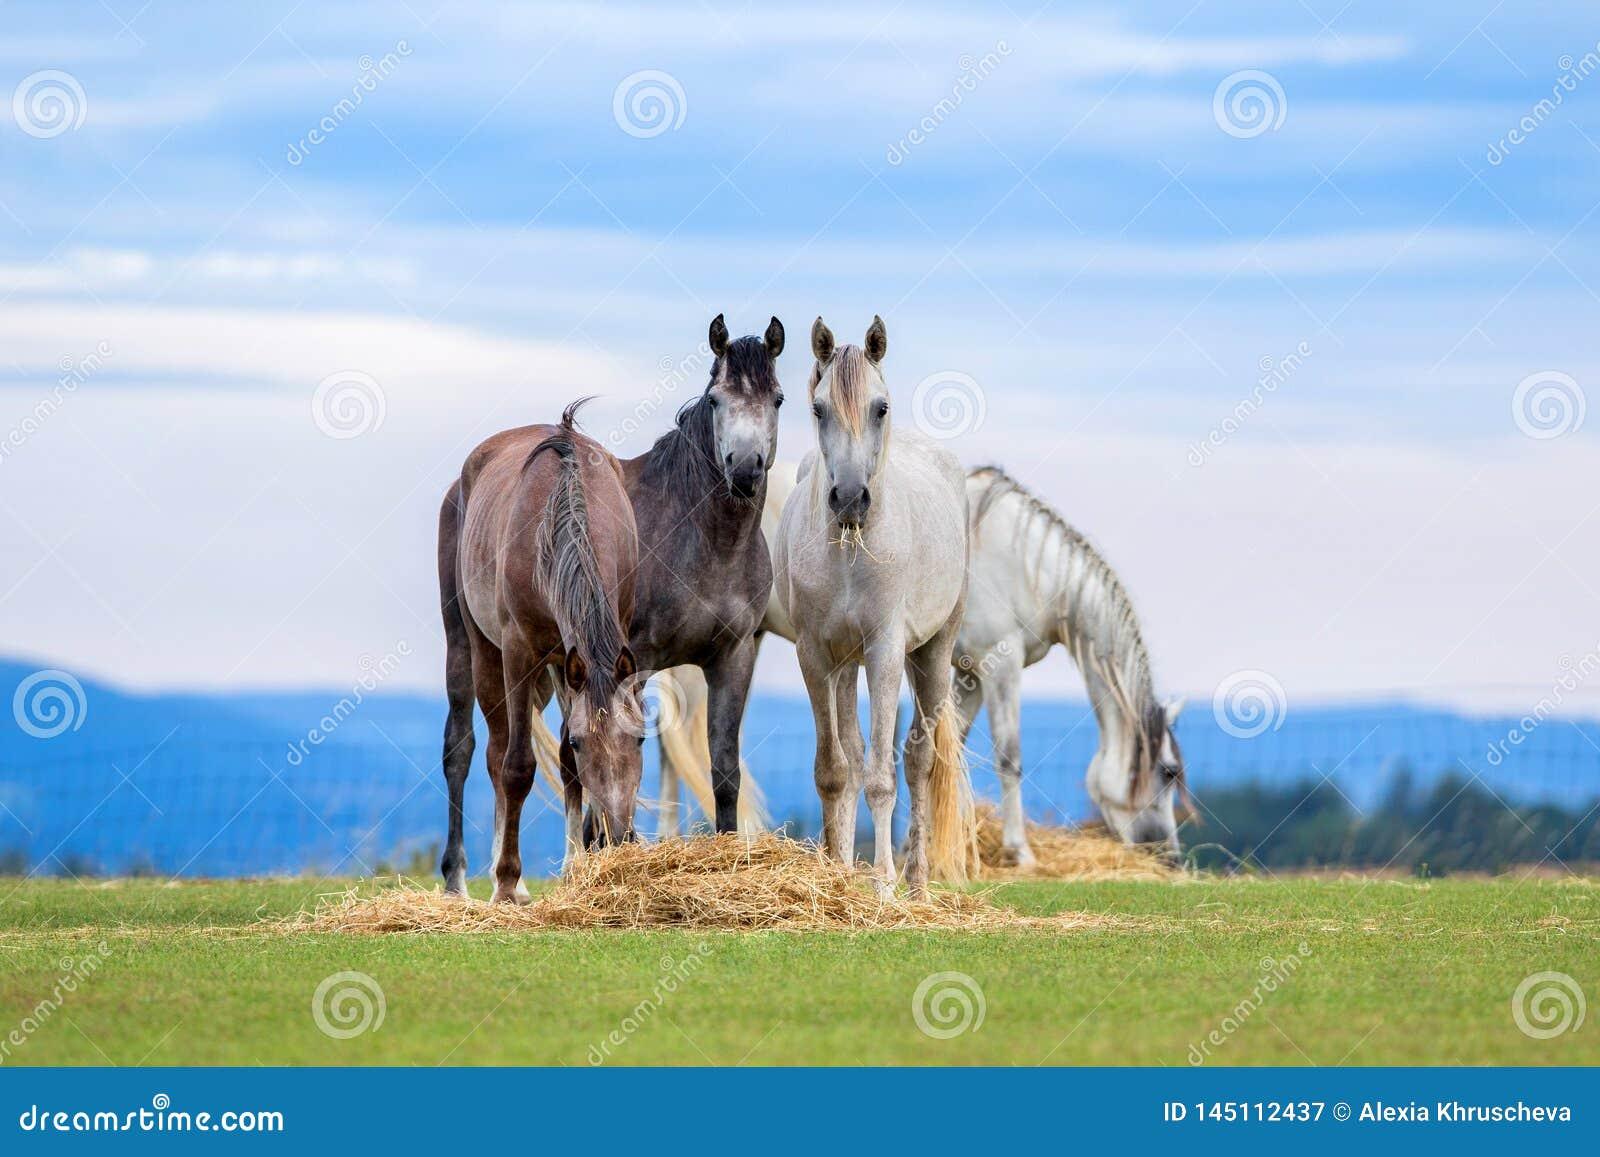 Junge Pferde lassen auf Weide im Sommer weiden